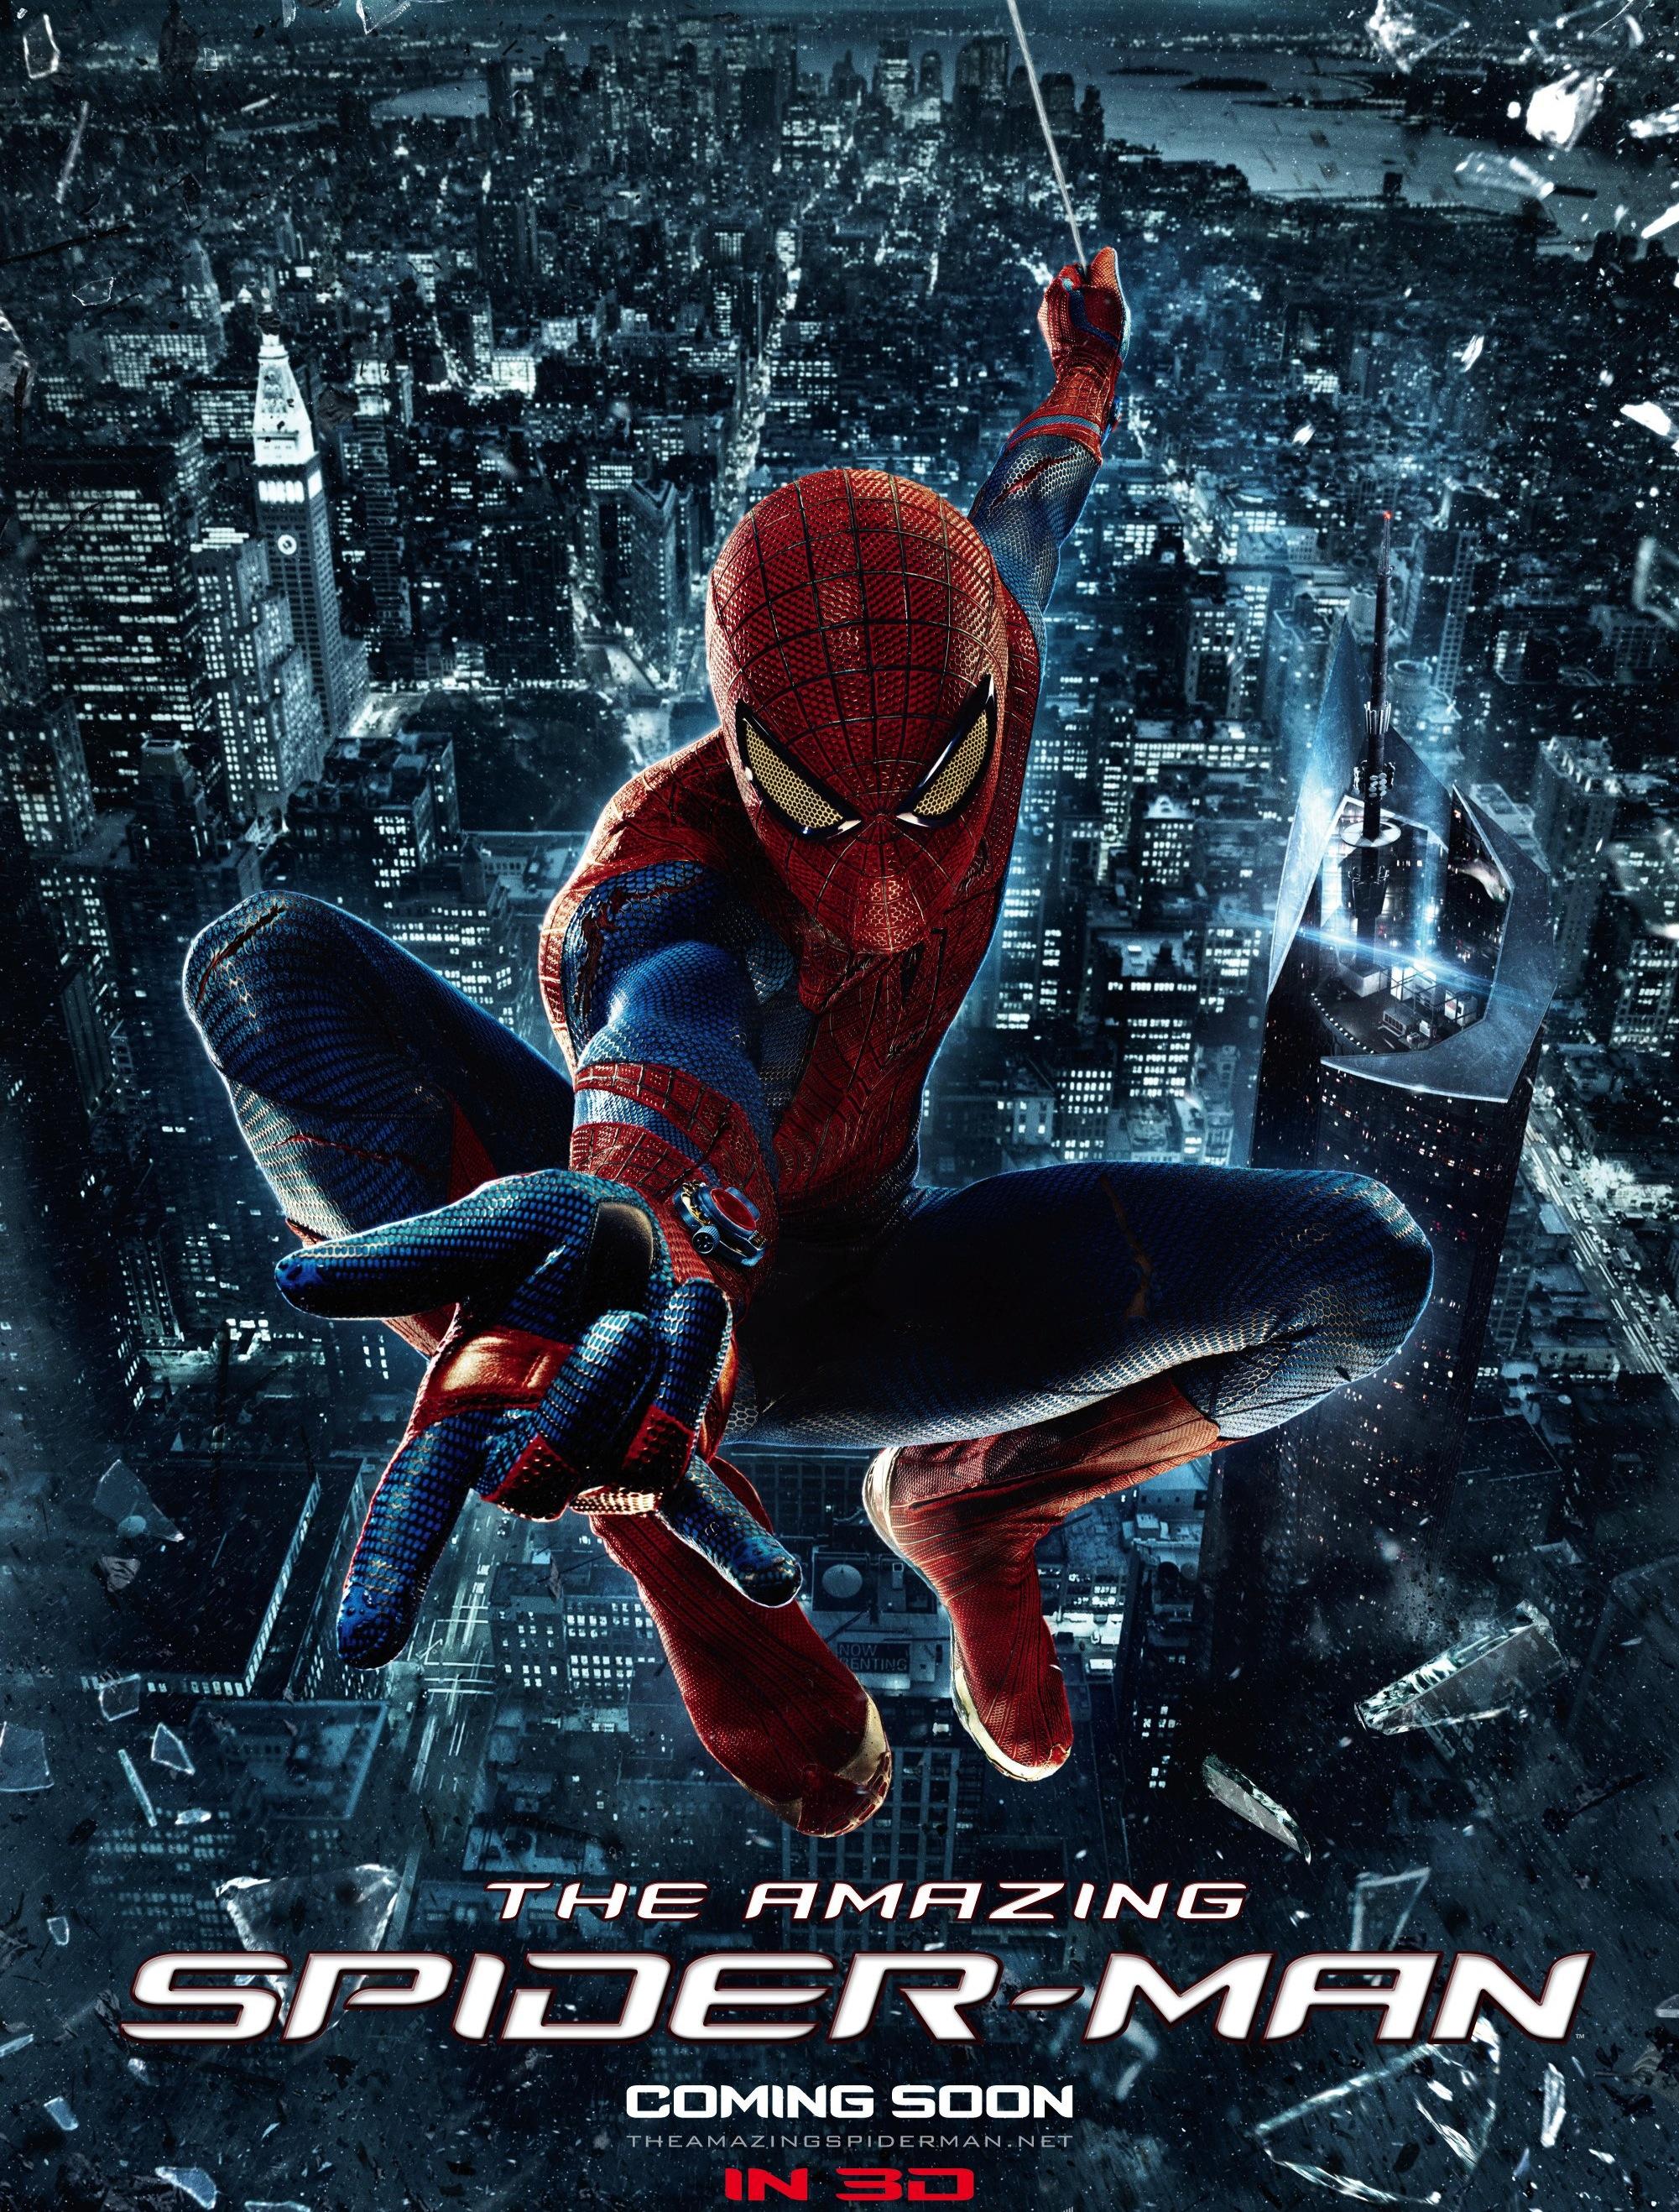 Spider-Man box office